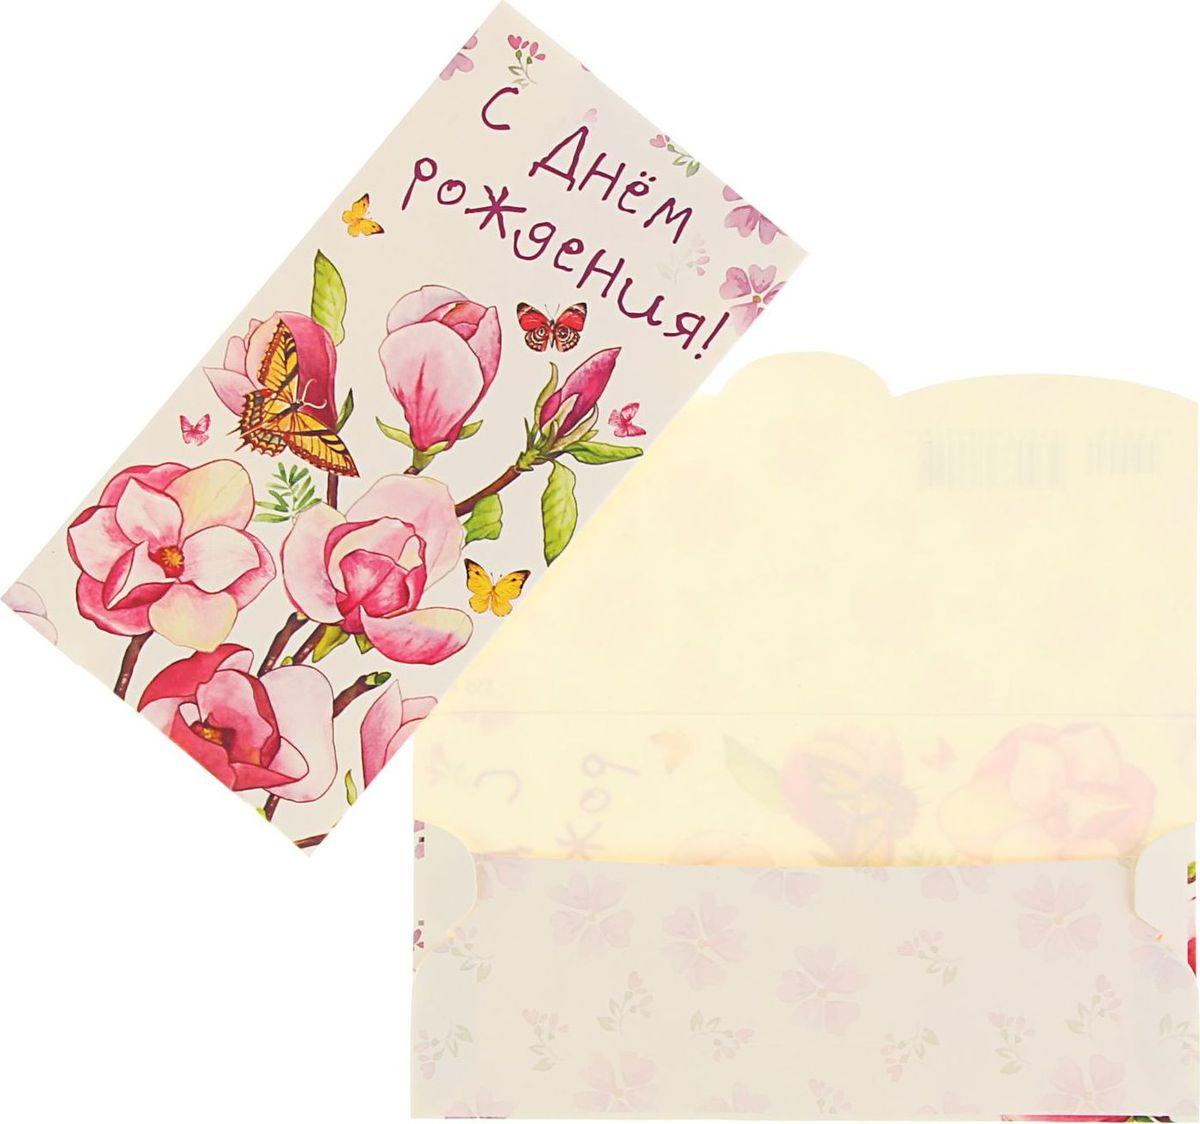 смеси специй картинки для дня рождения на конверте любит